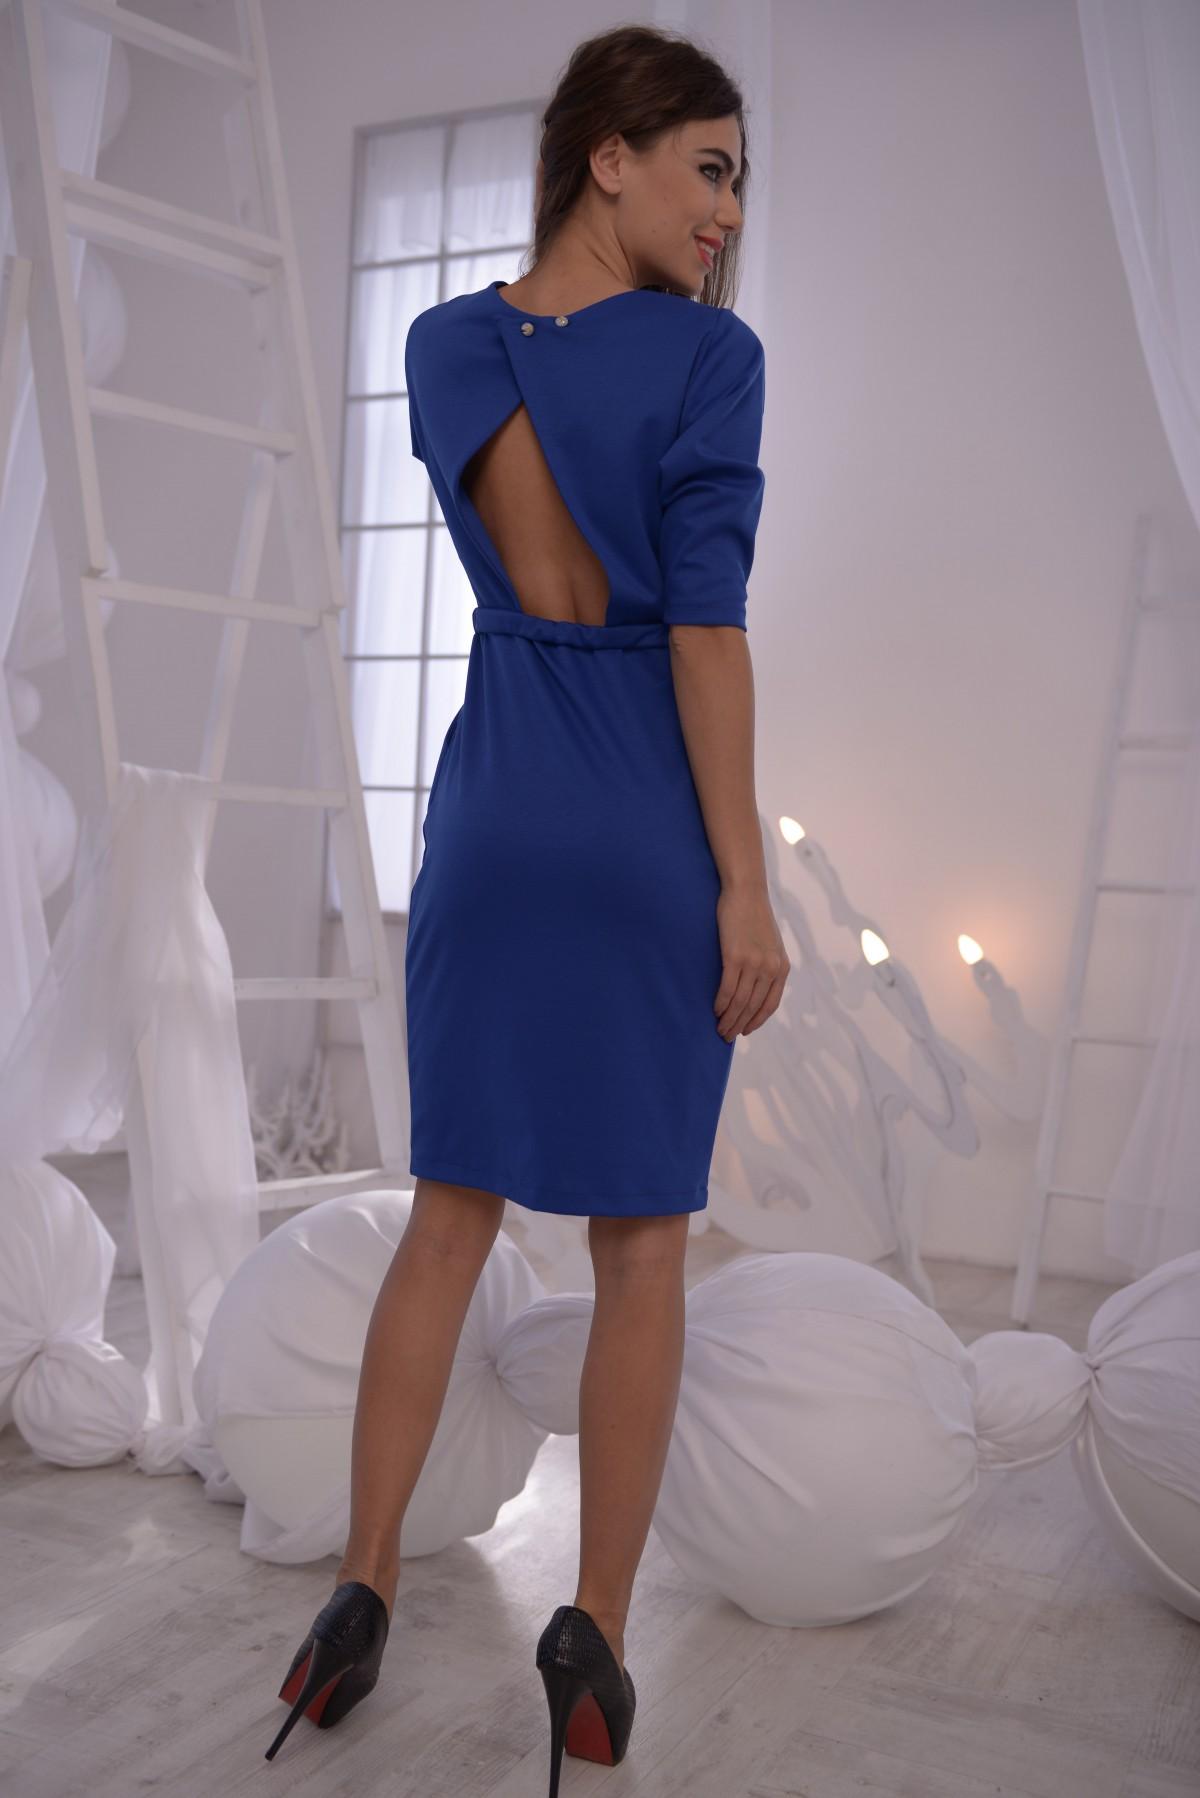 0bad42d36c6 ... Ярко-синее платье-футляр с вырезом на спине  243 грн. фото 4